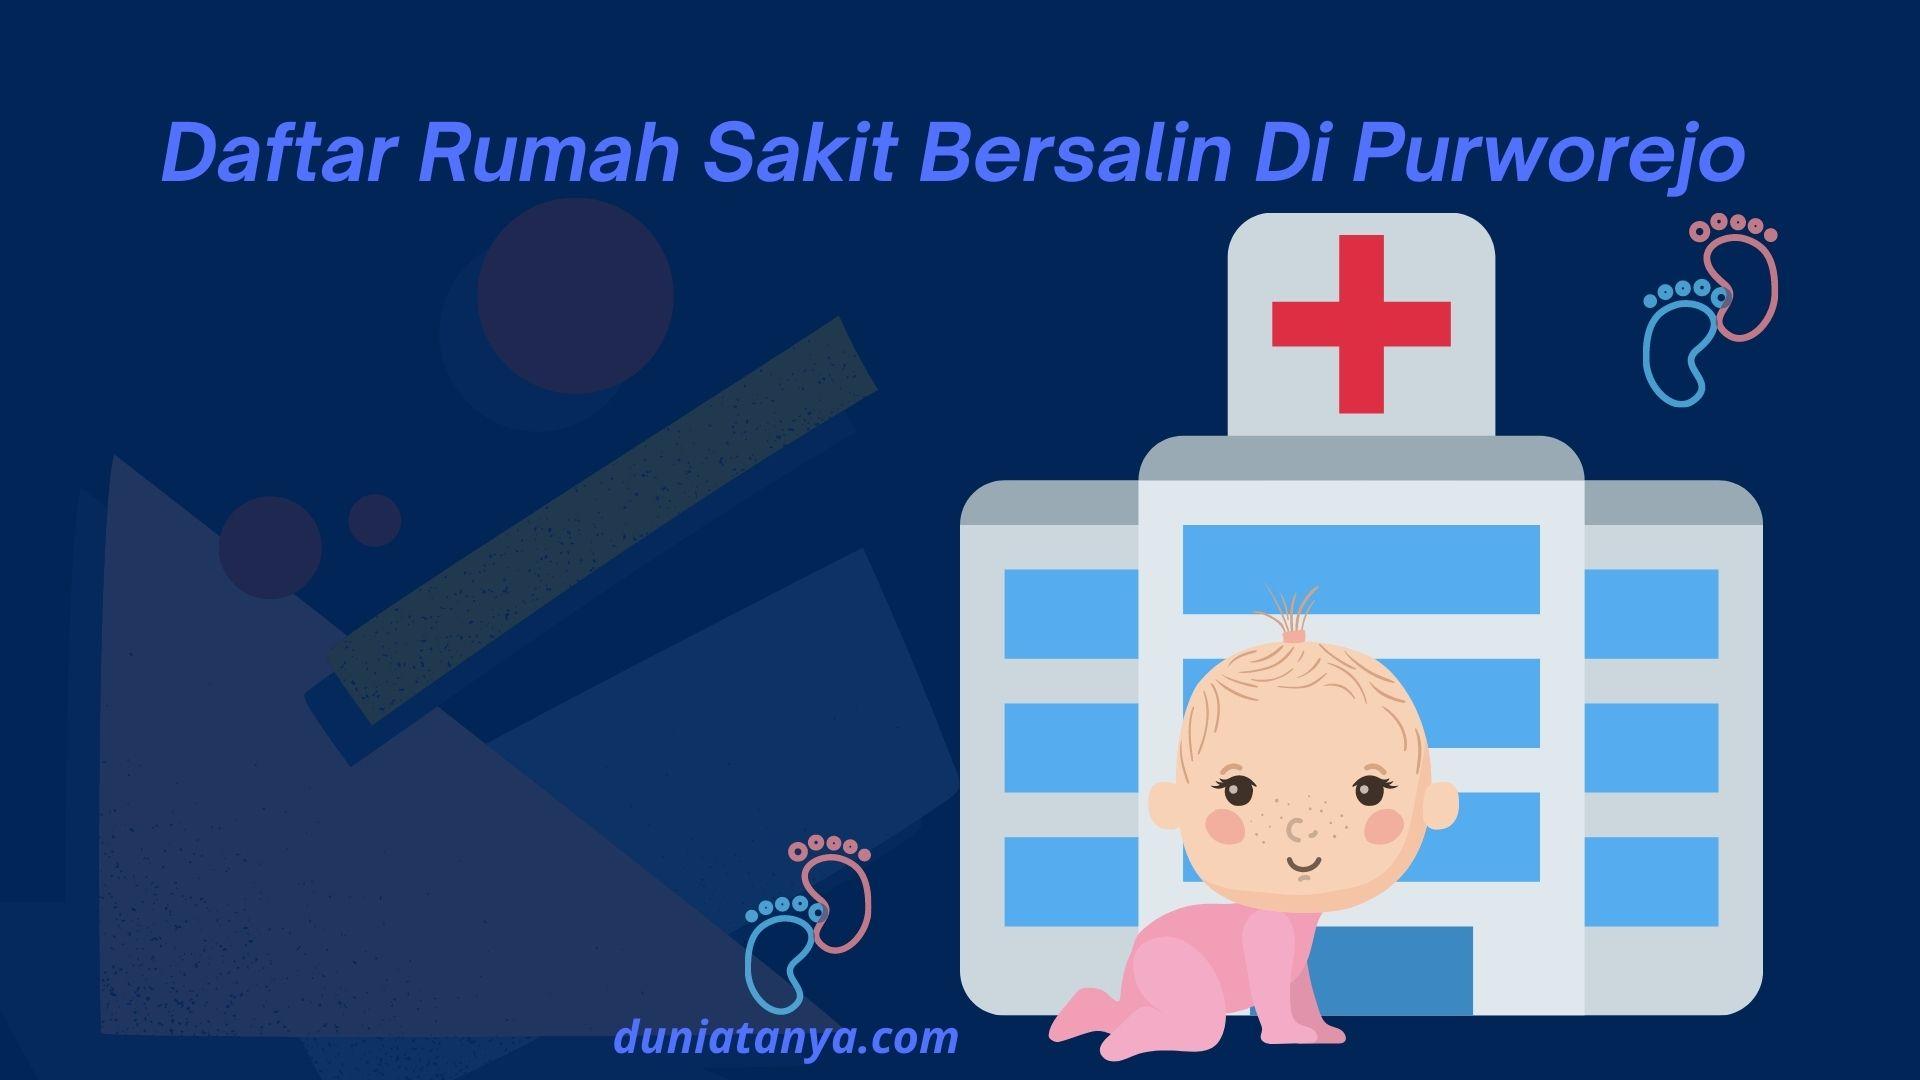 Read more about the article Daftar Rumah Sakit Bersalin Di Purworejo